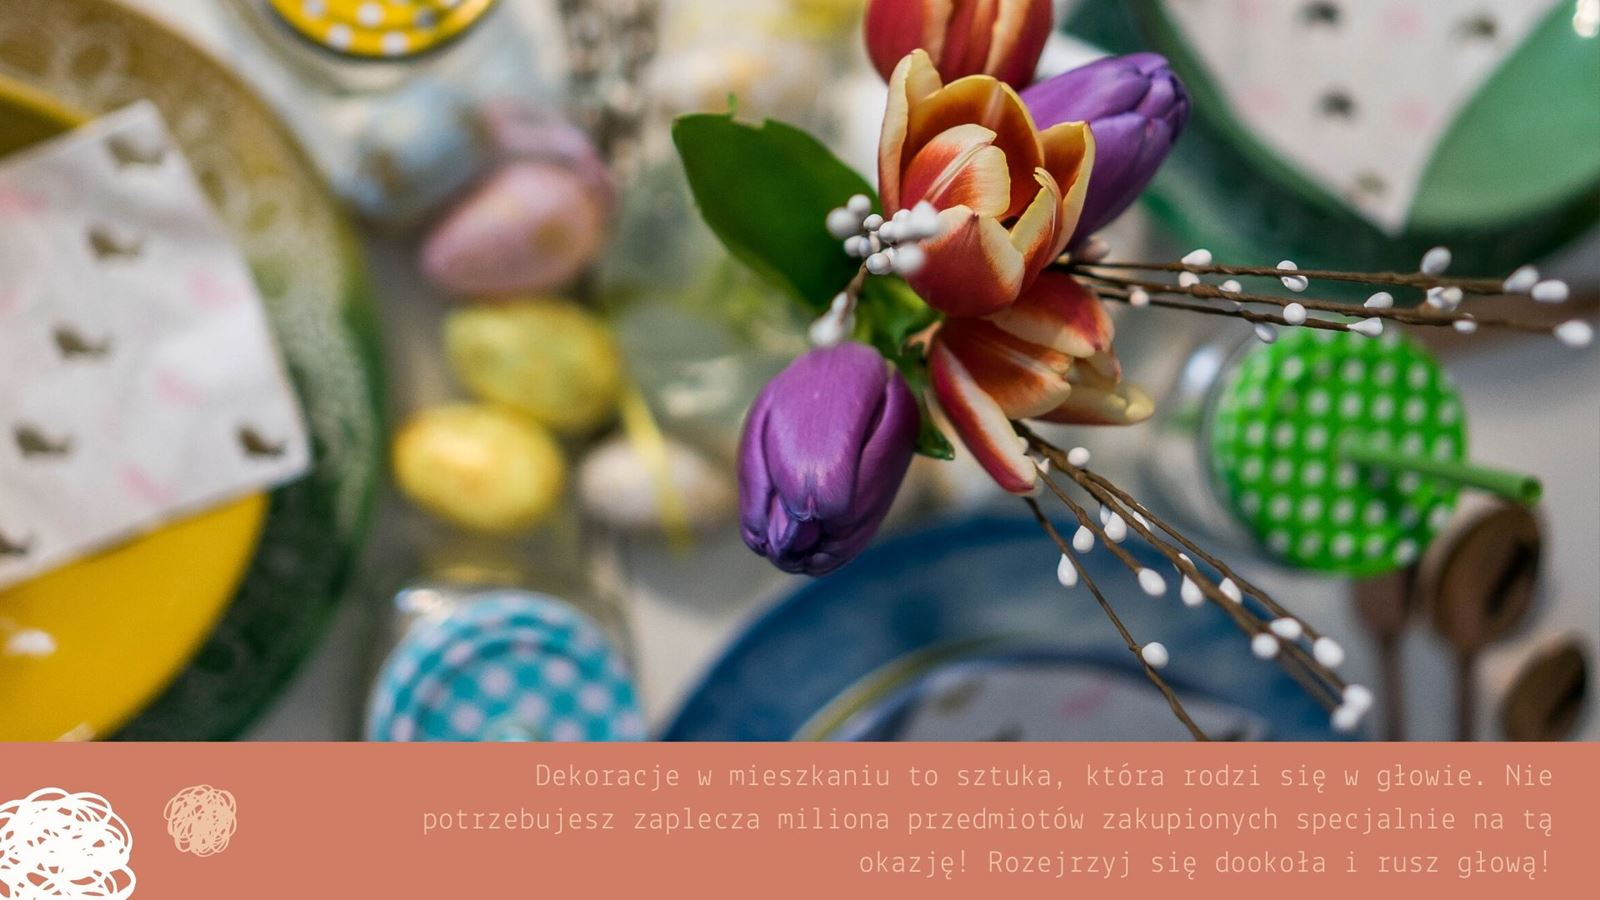 11 kolorowe wiosenne talerze pomysły na kolorowe dodatki pastelowe talerze słoiki miski szklanki kubki do kuchni dla dzieci dla dziewczyny prezent na wiosnę wielkanoc zajączek